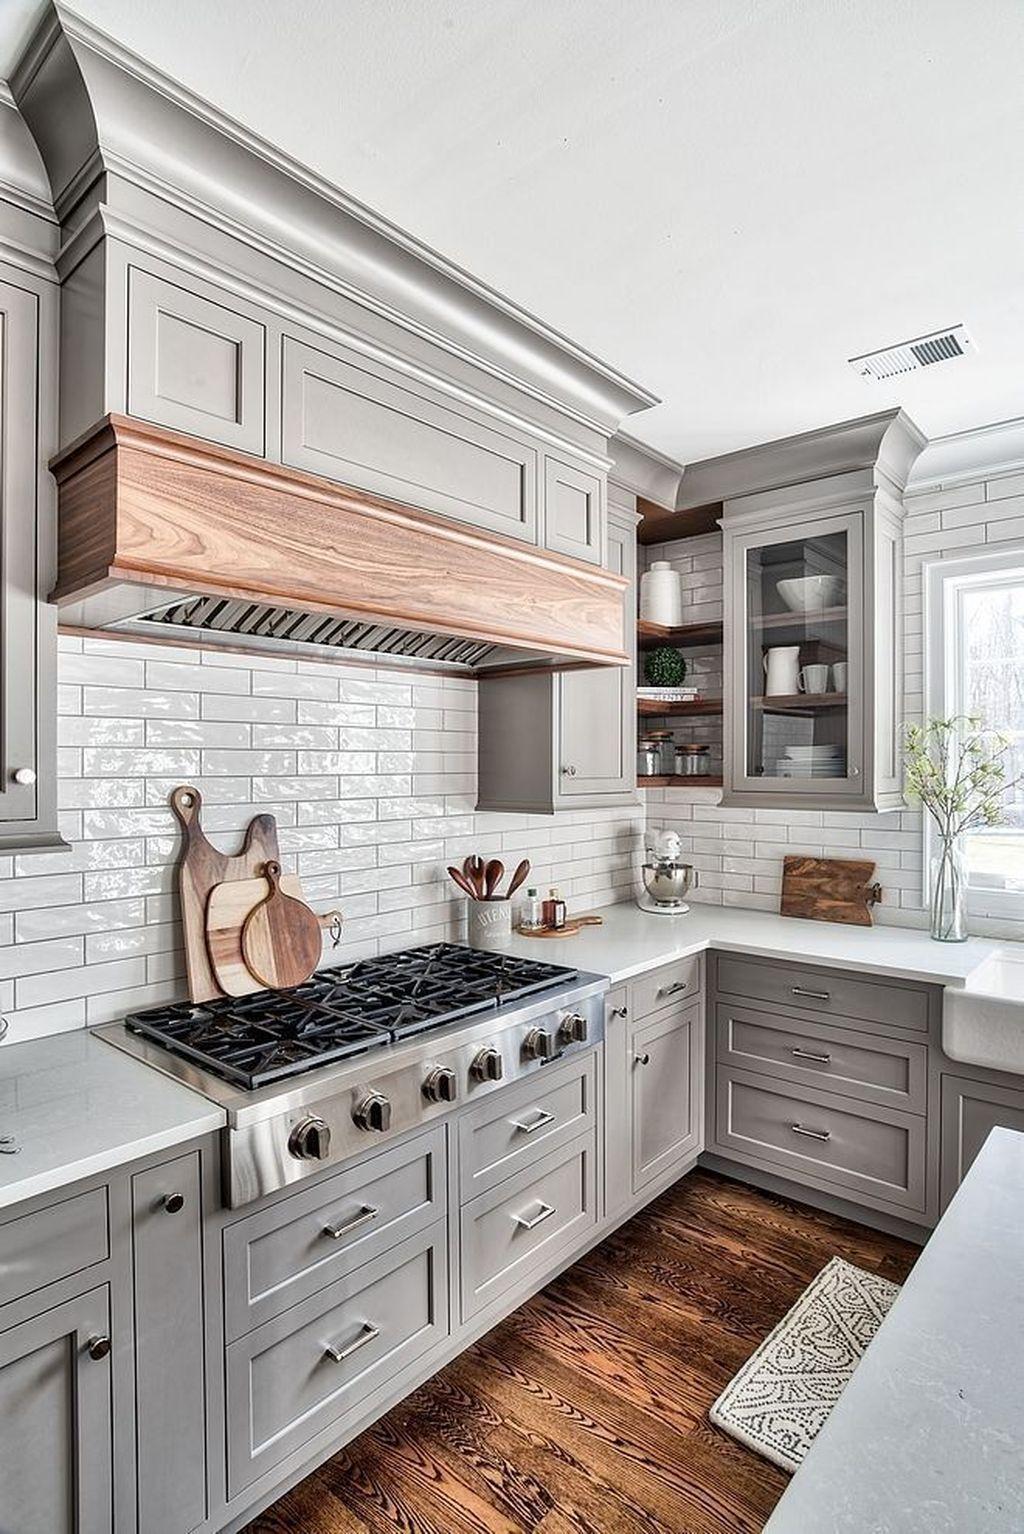 Pin By Trend4homy On Kitchen Design Ideas In 2019 Luxury Kitchen